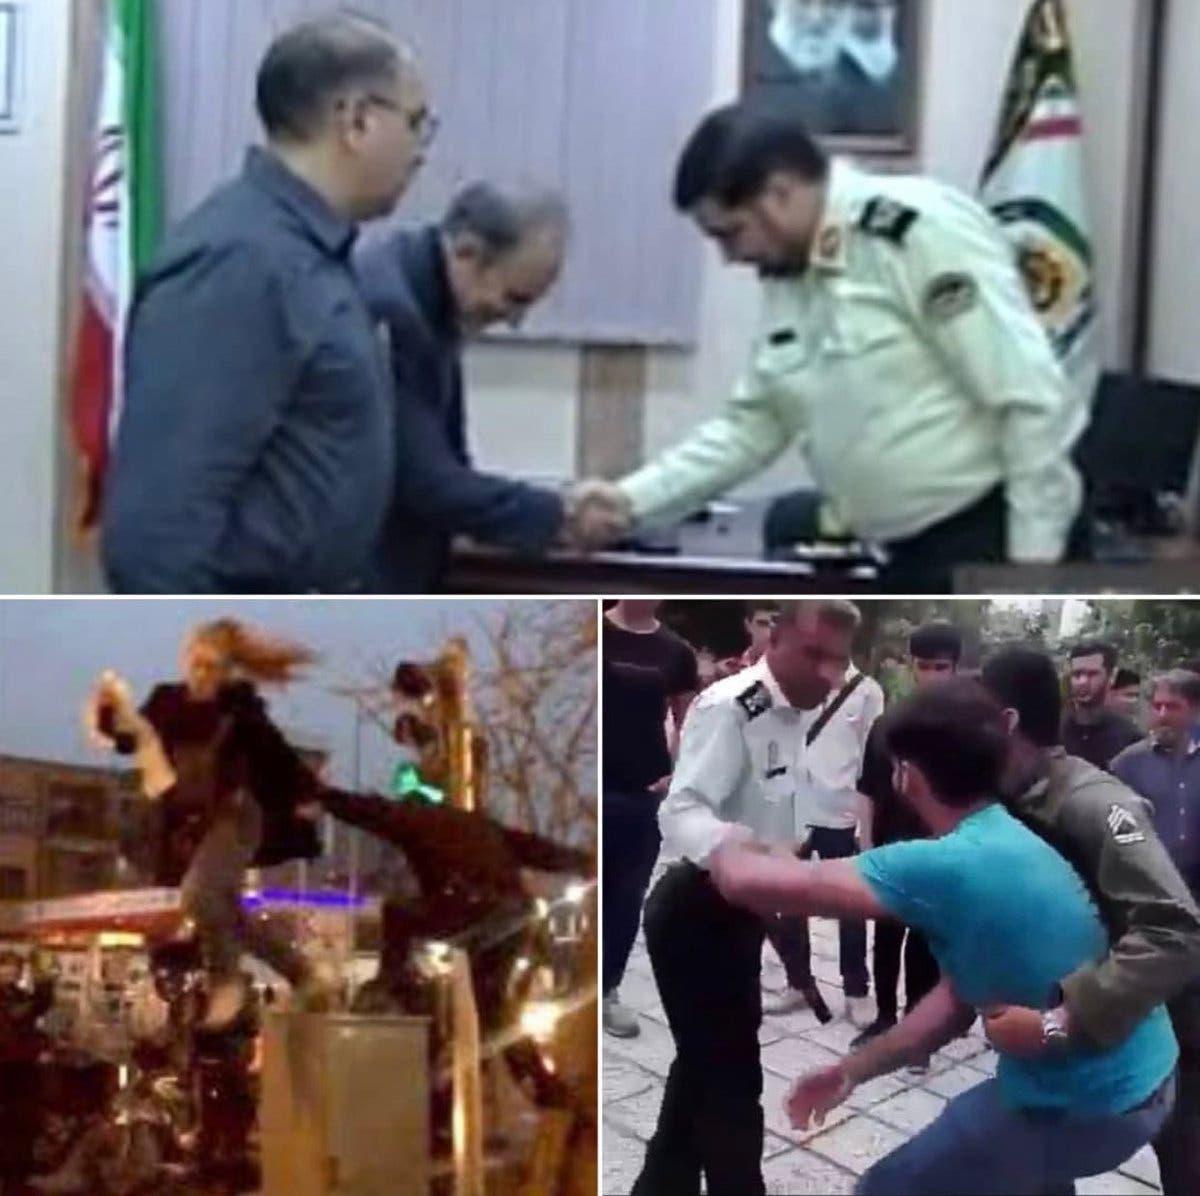 ناشطون قارنوا معاملة الشرطة لنجفي مع الناس العاديين